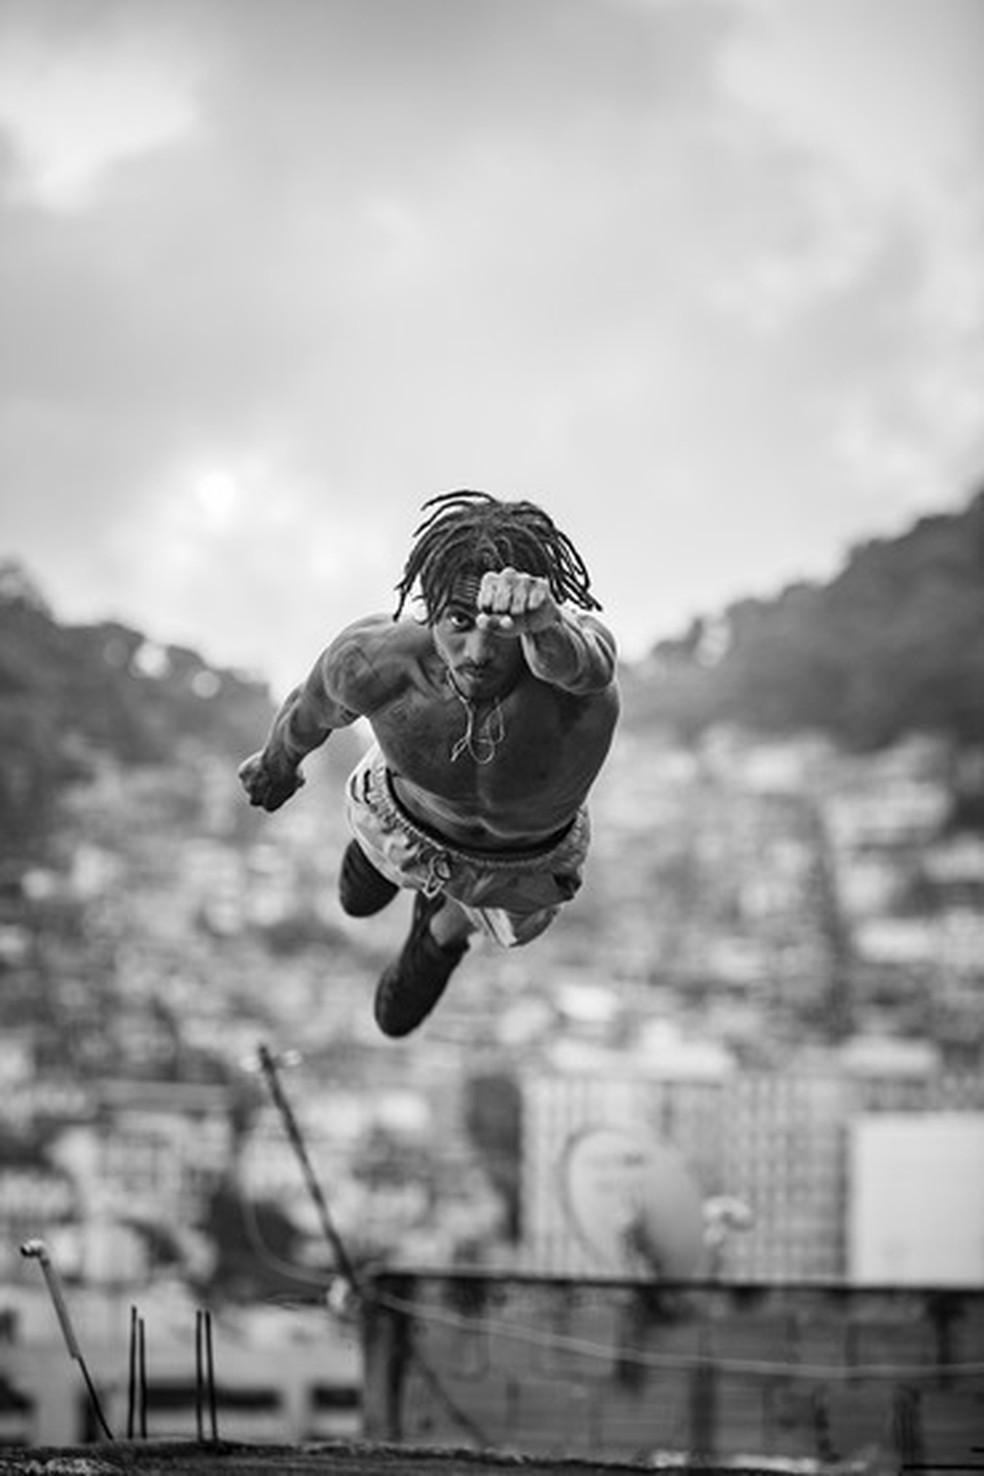 Foto mostra homem como se estivesse voando em uma comunidade — Foto: Reprodução / Favelagrafia